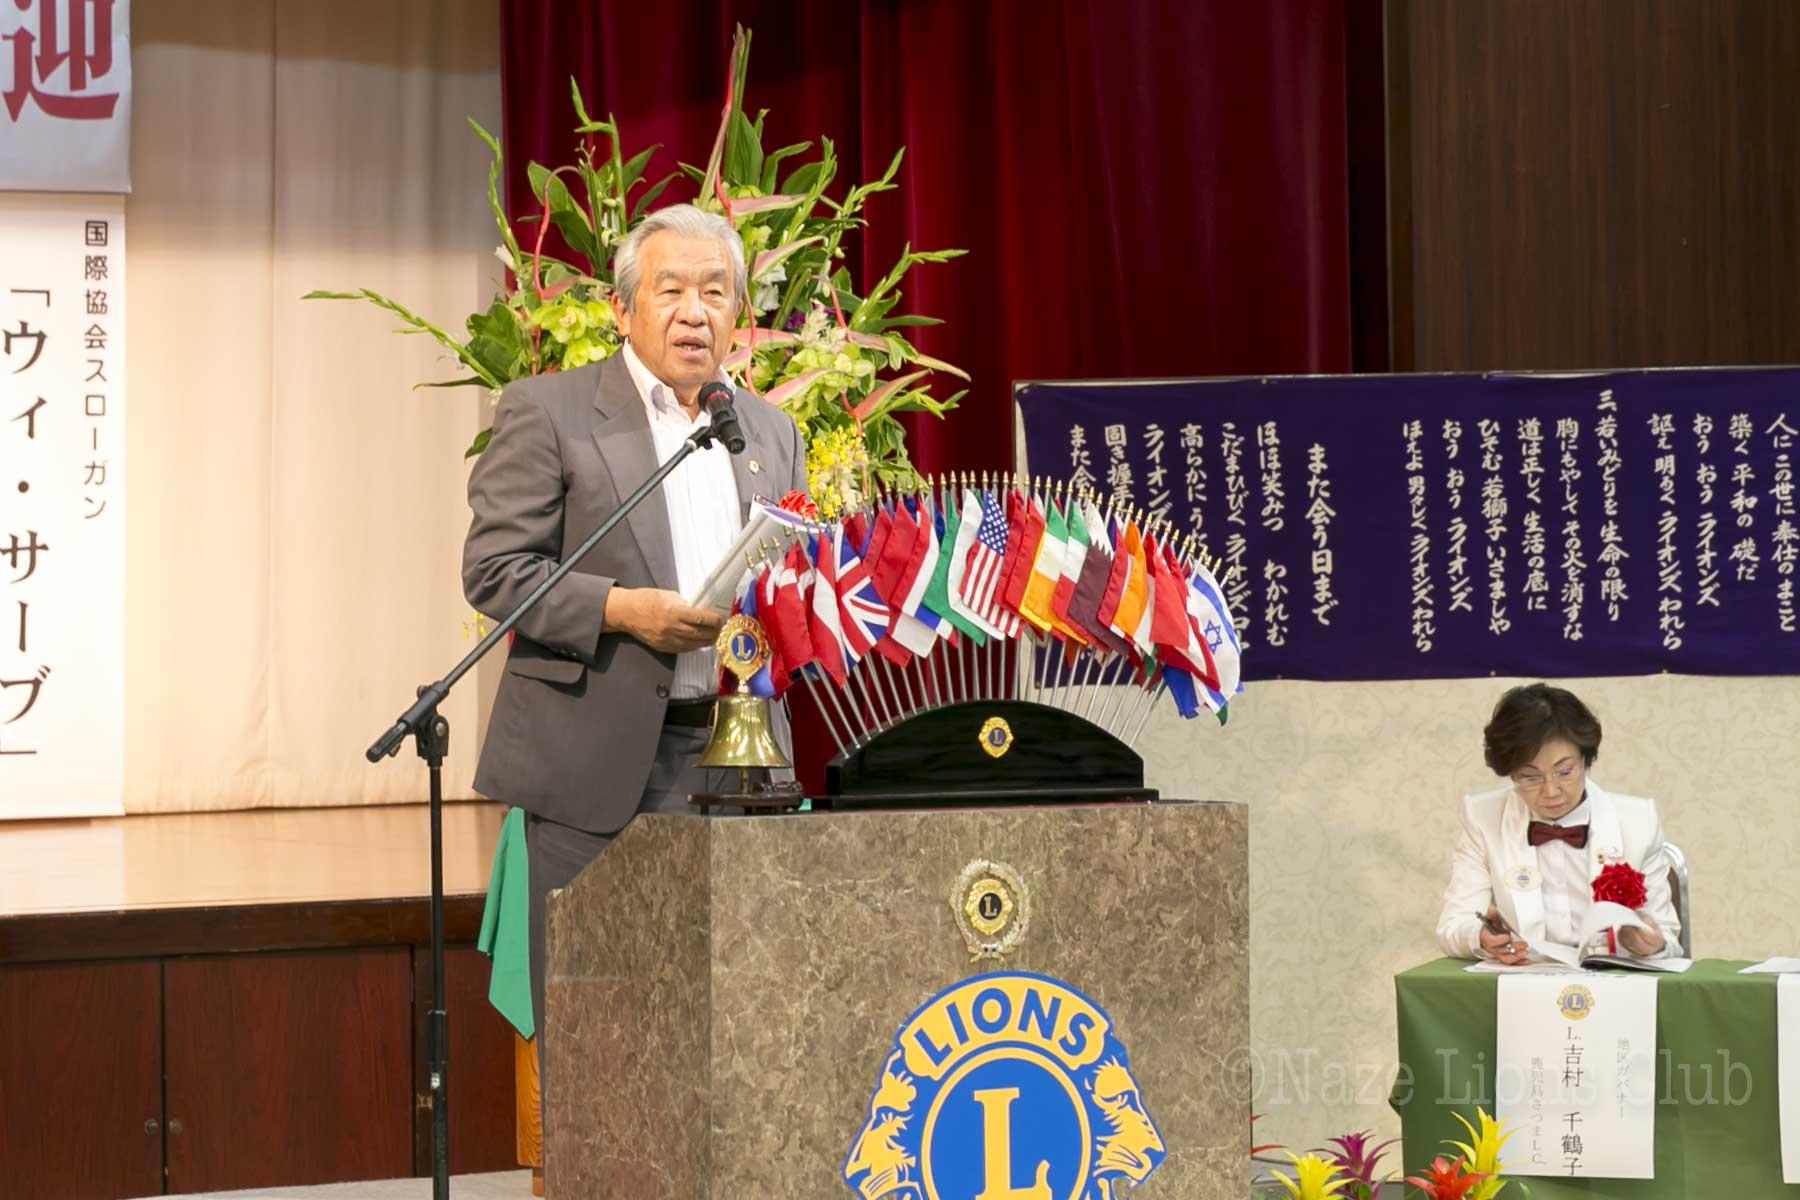 鹿児島R. リジョン・チェアパーソンL.八坂